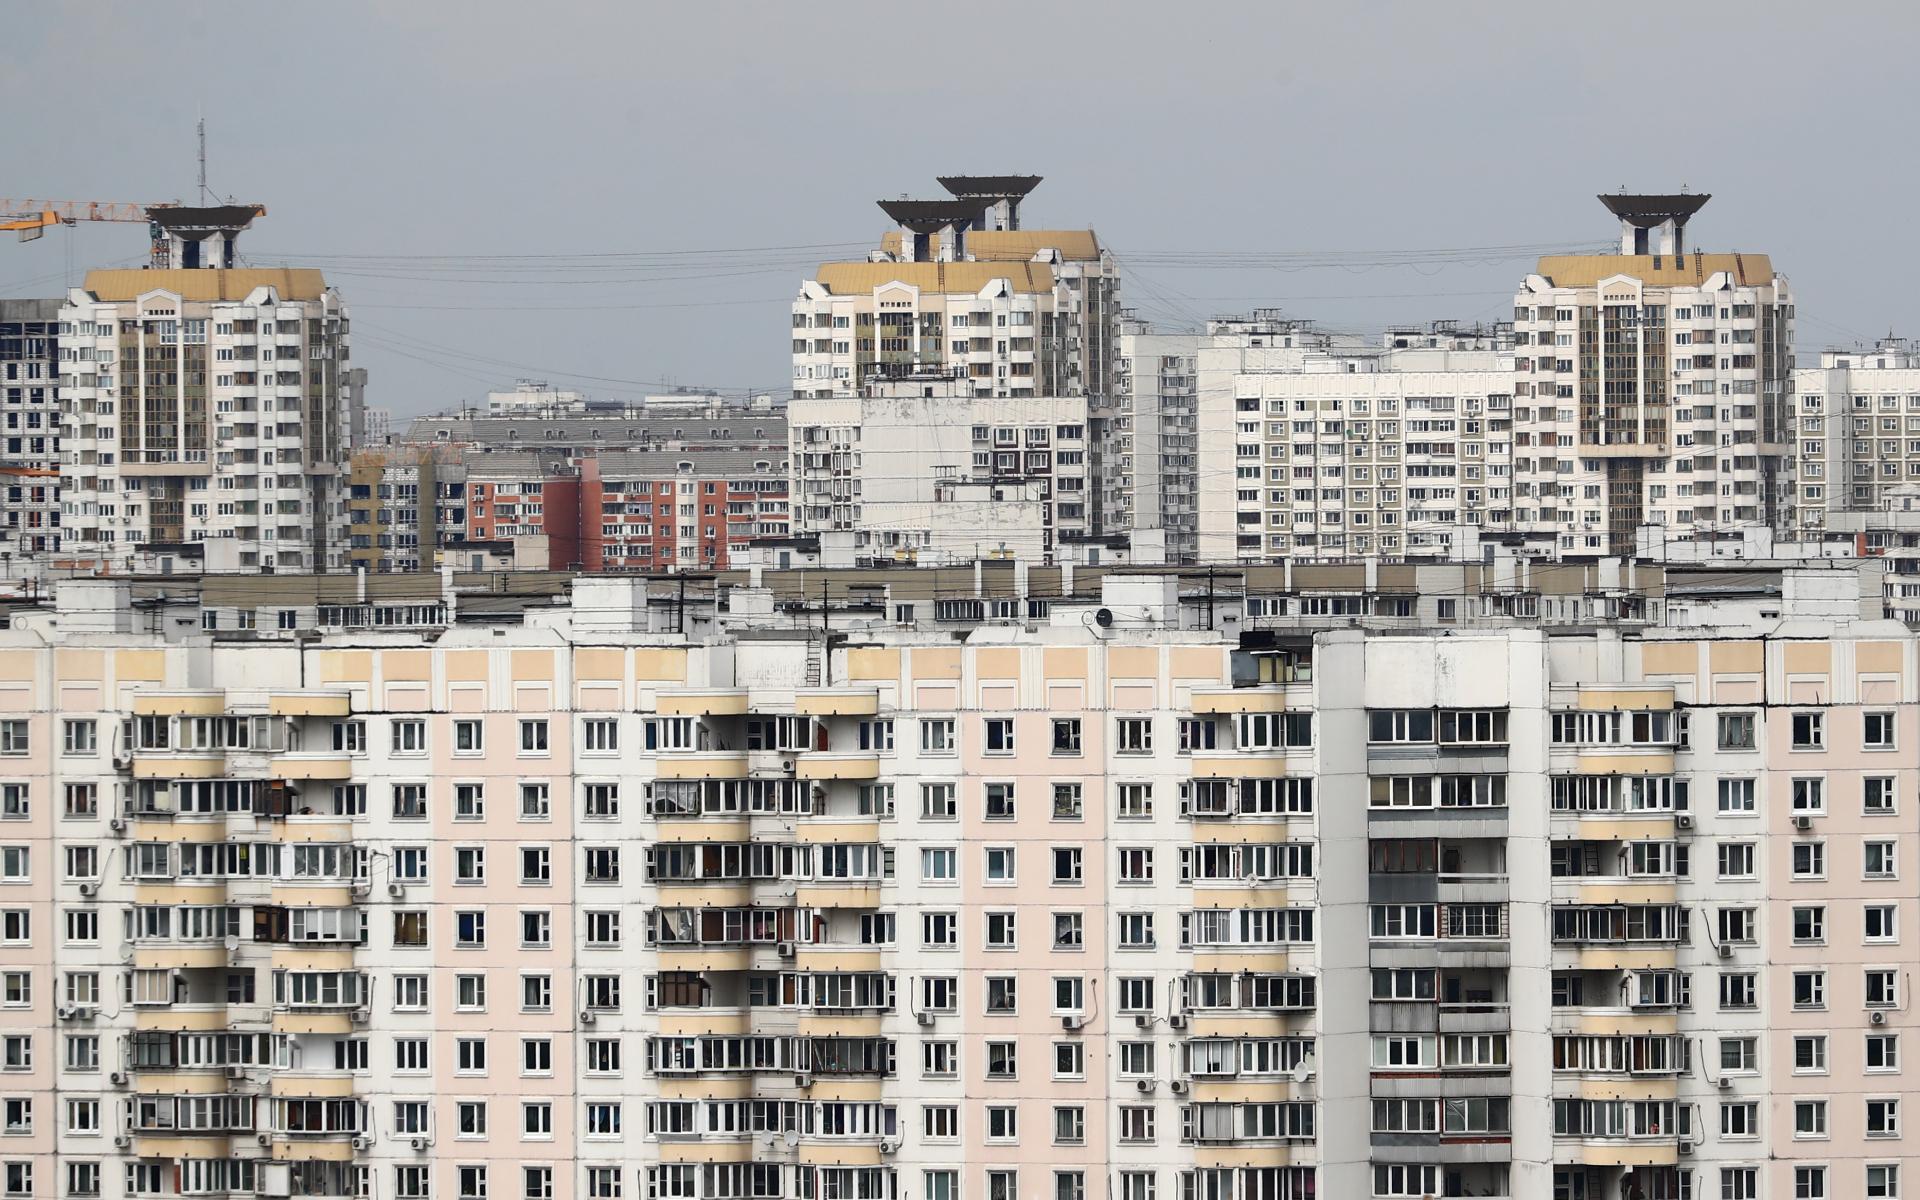 Средняя цена 1 кв. м в предложении на первичном рынке Старой Москвы по итогам третьего квартала зафиксирована на отметке 322,6 тыс. руб.